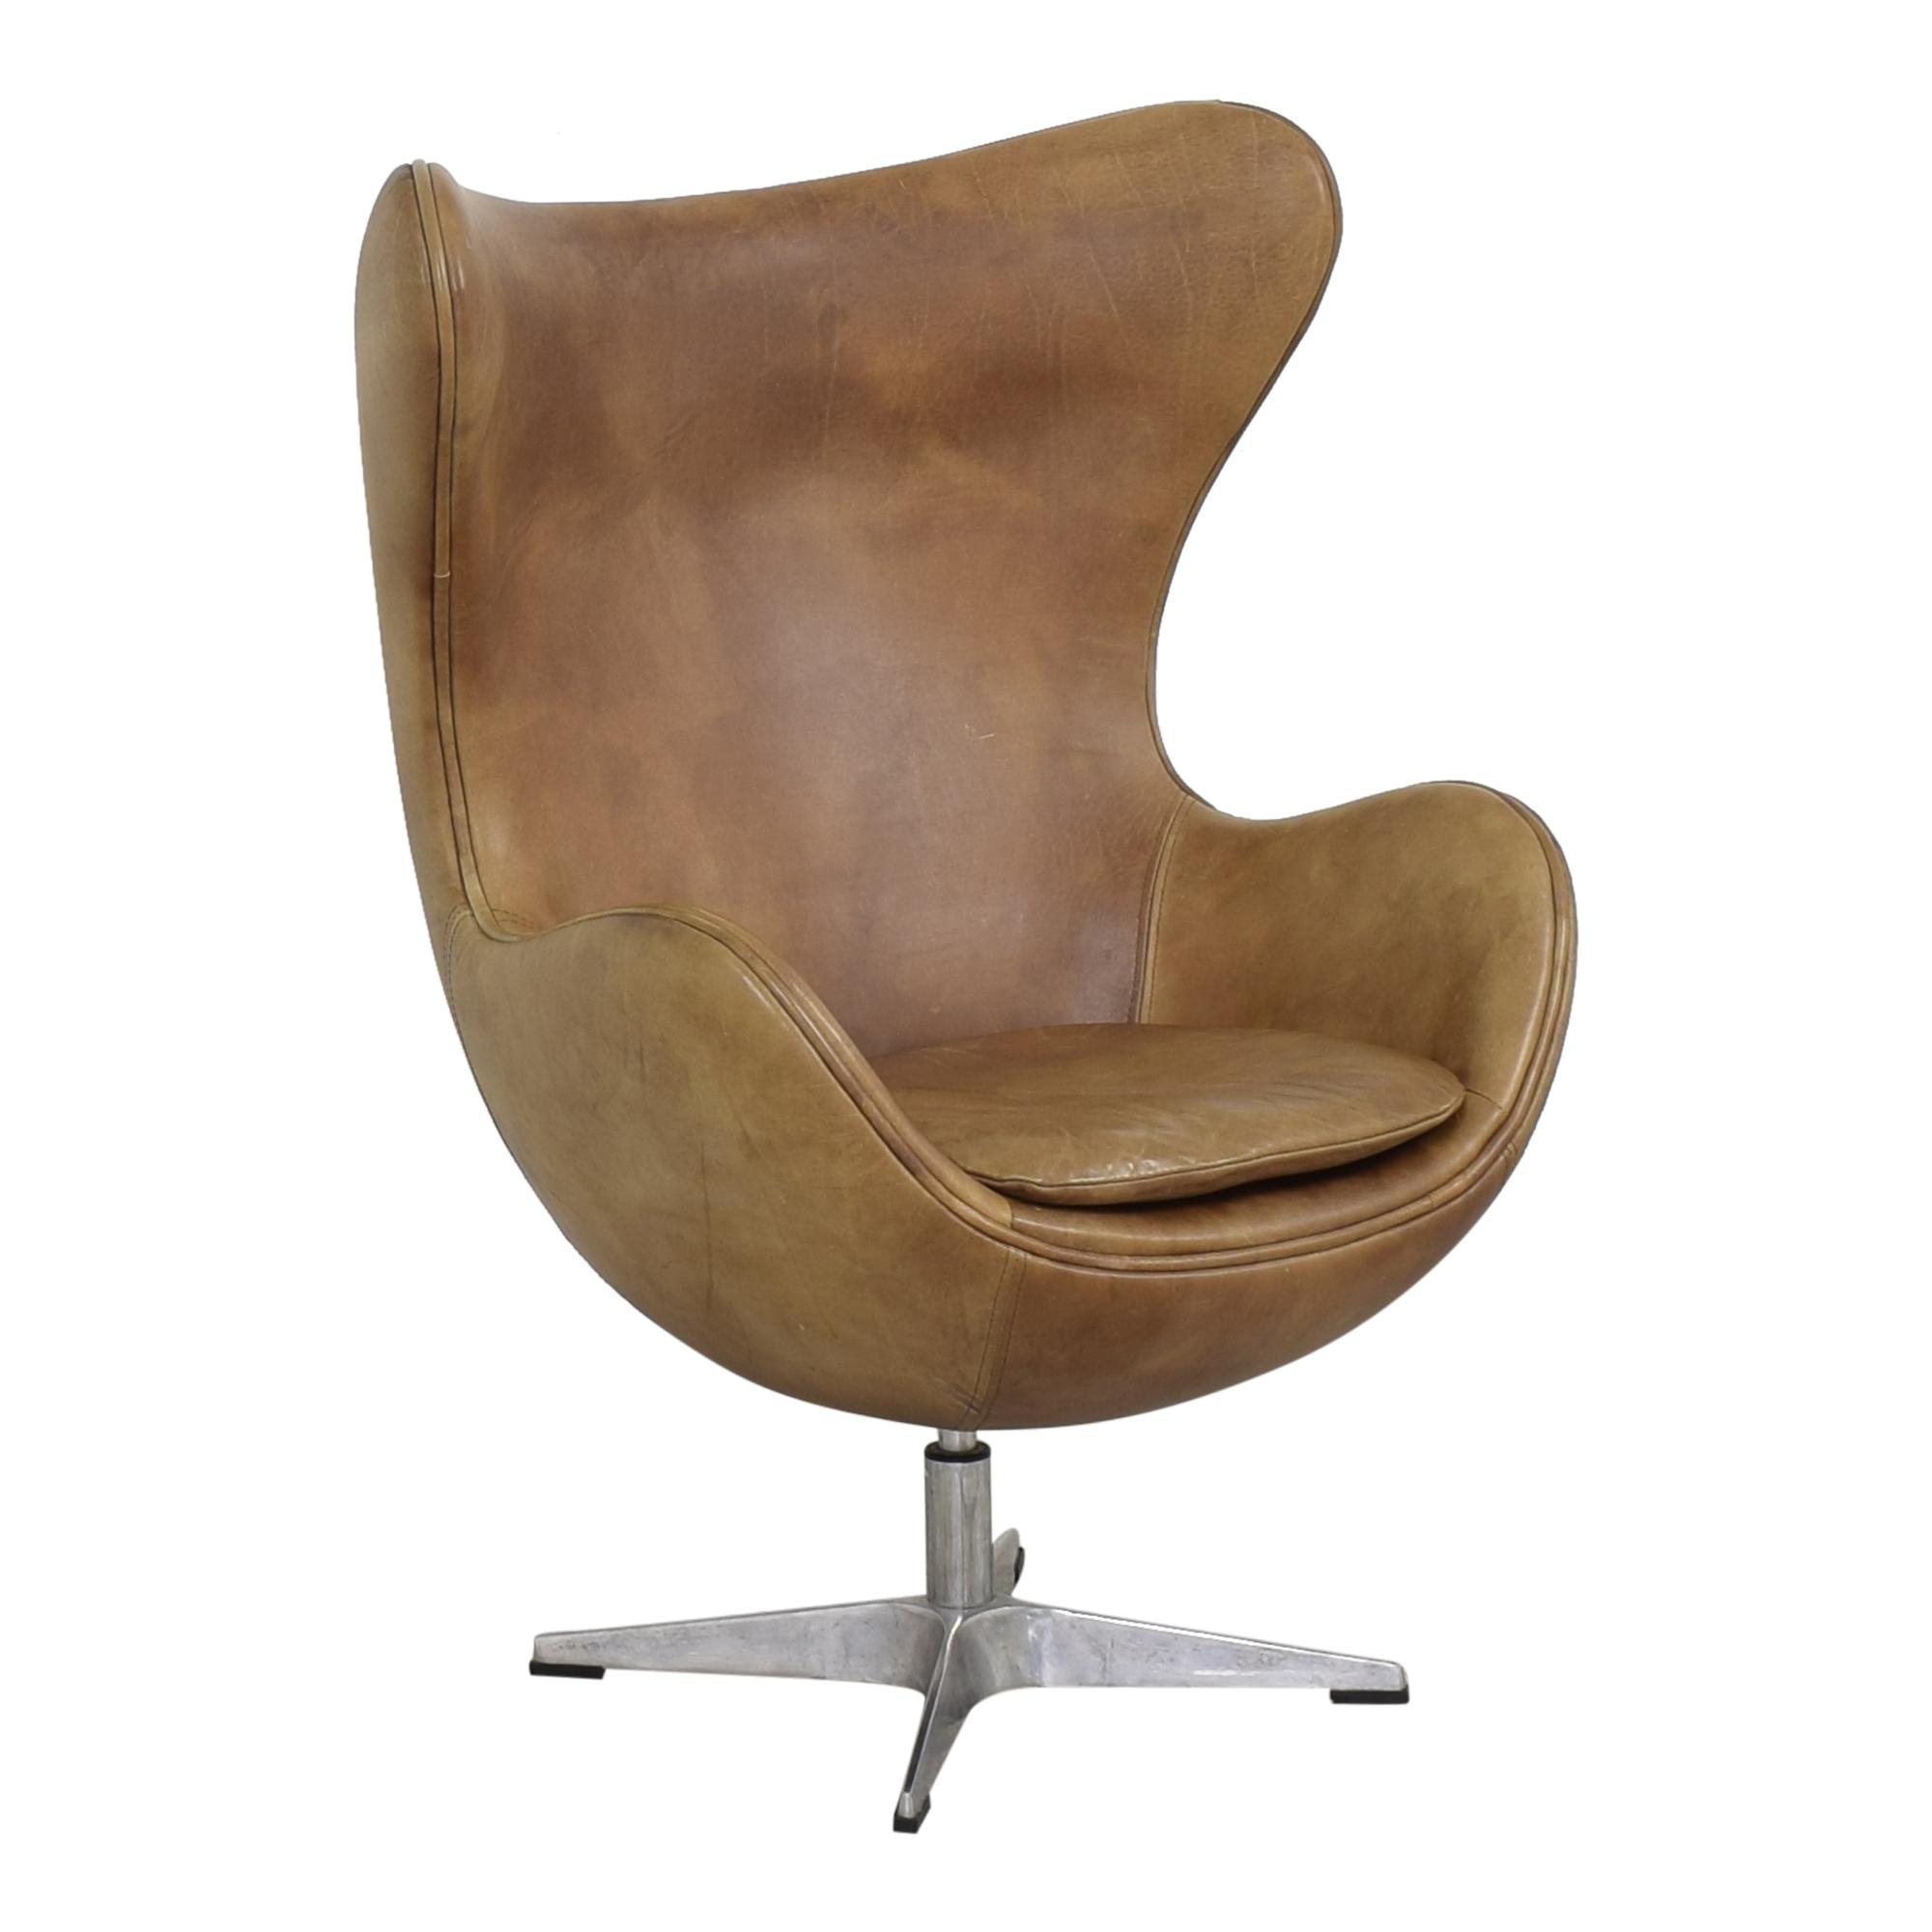 shop Restoration Hardware 1950s Copenhagen Chair Restoration Hardware Chairs